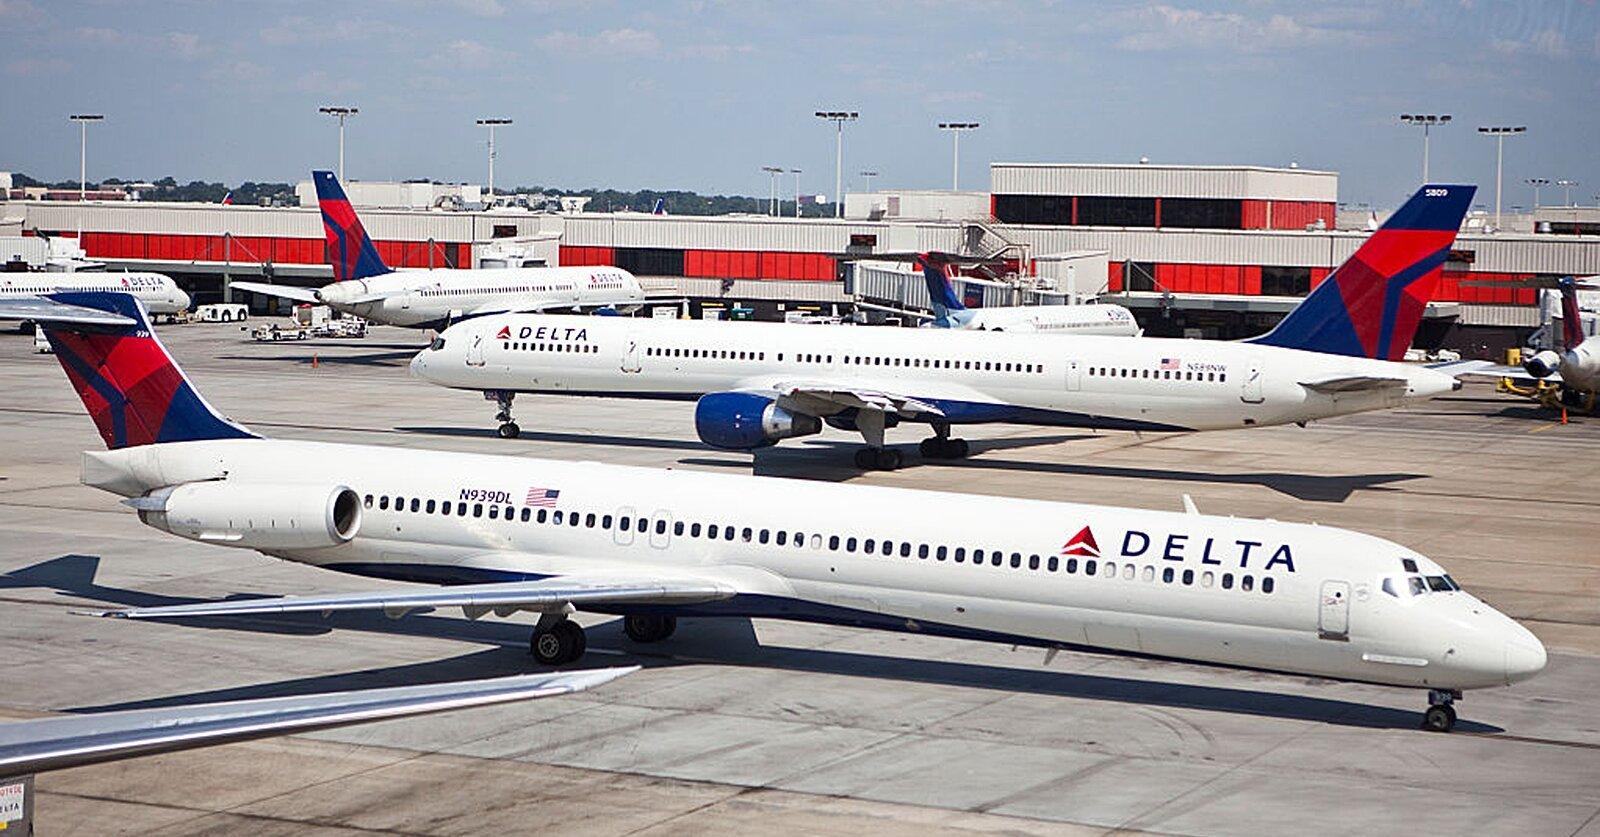 デルタ航空本社 | アトランタ在住ダイさんのおすすめ観光スポット